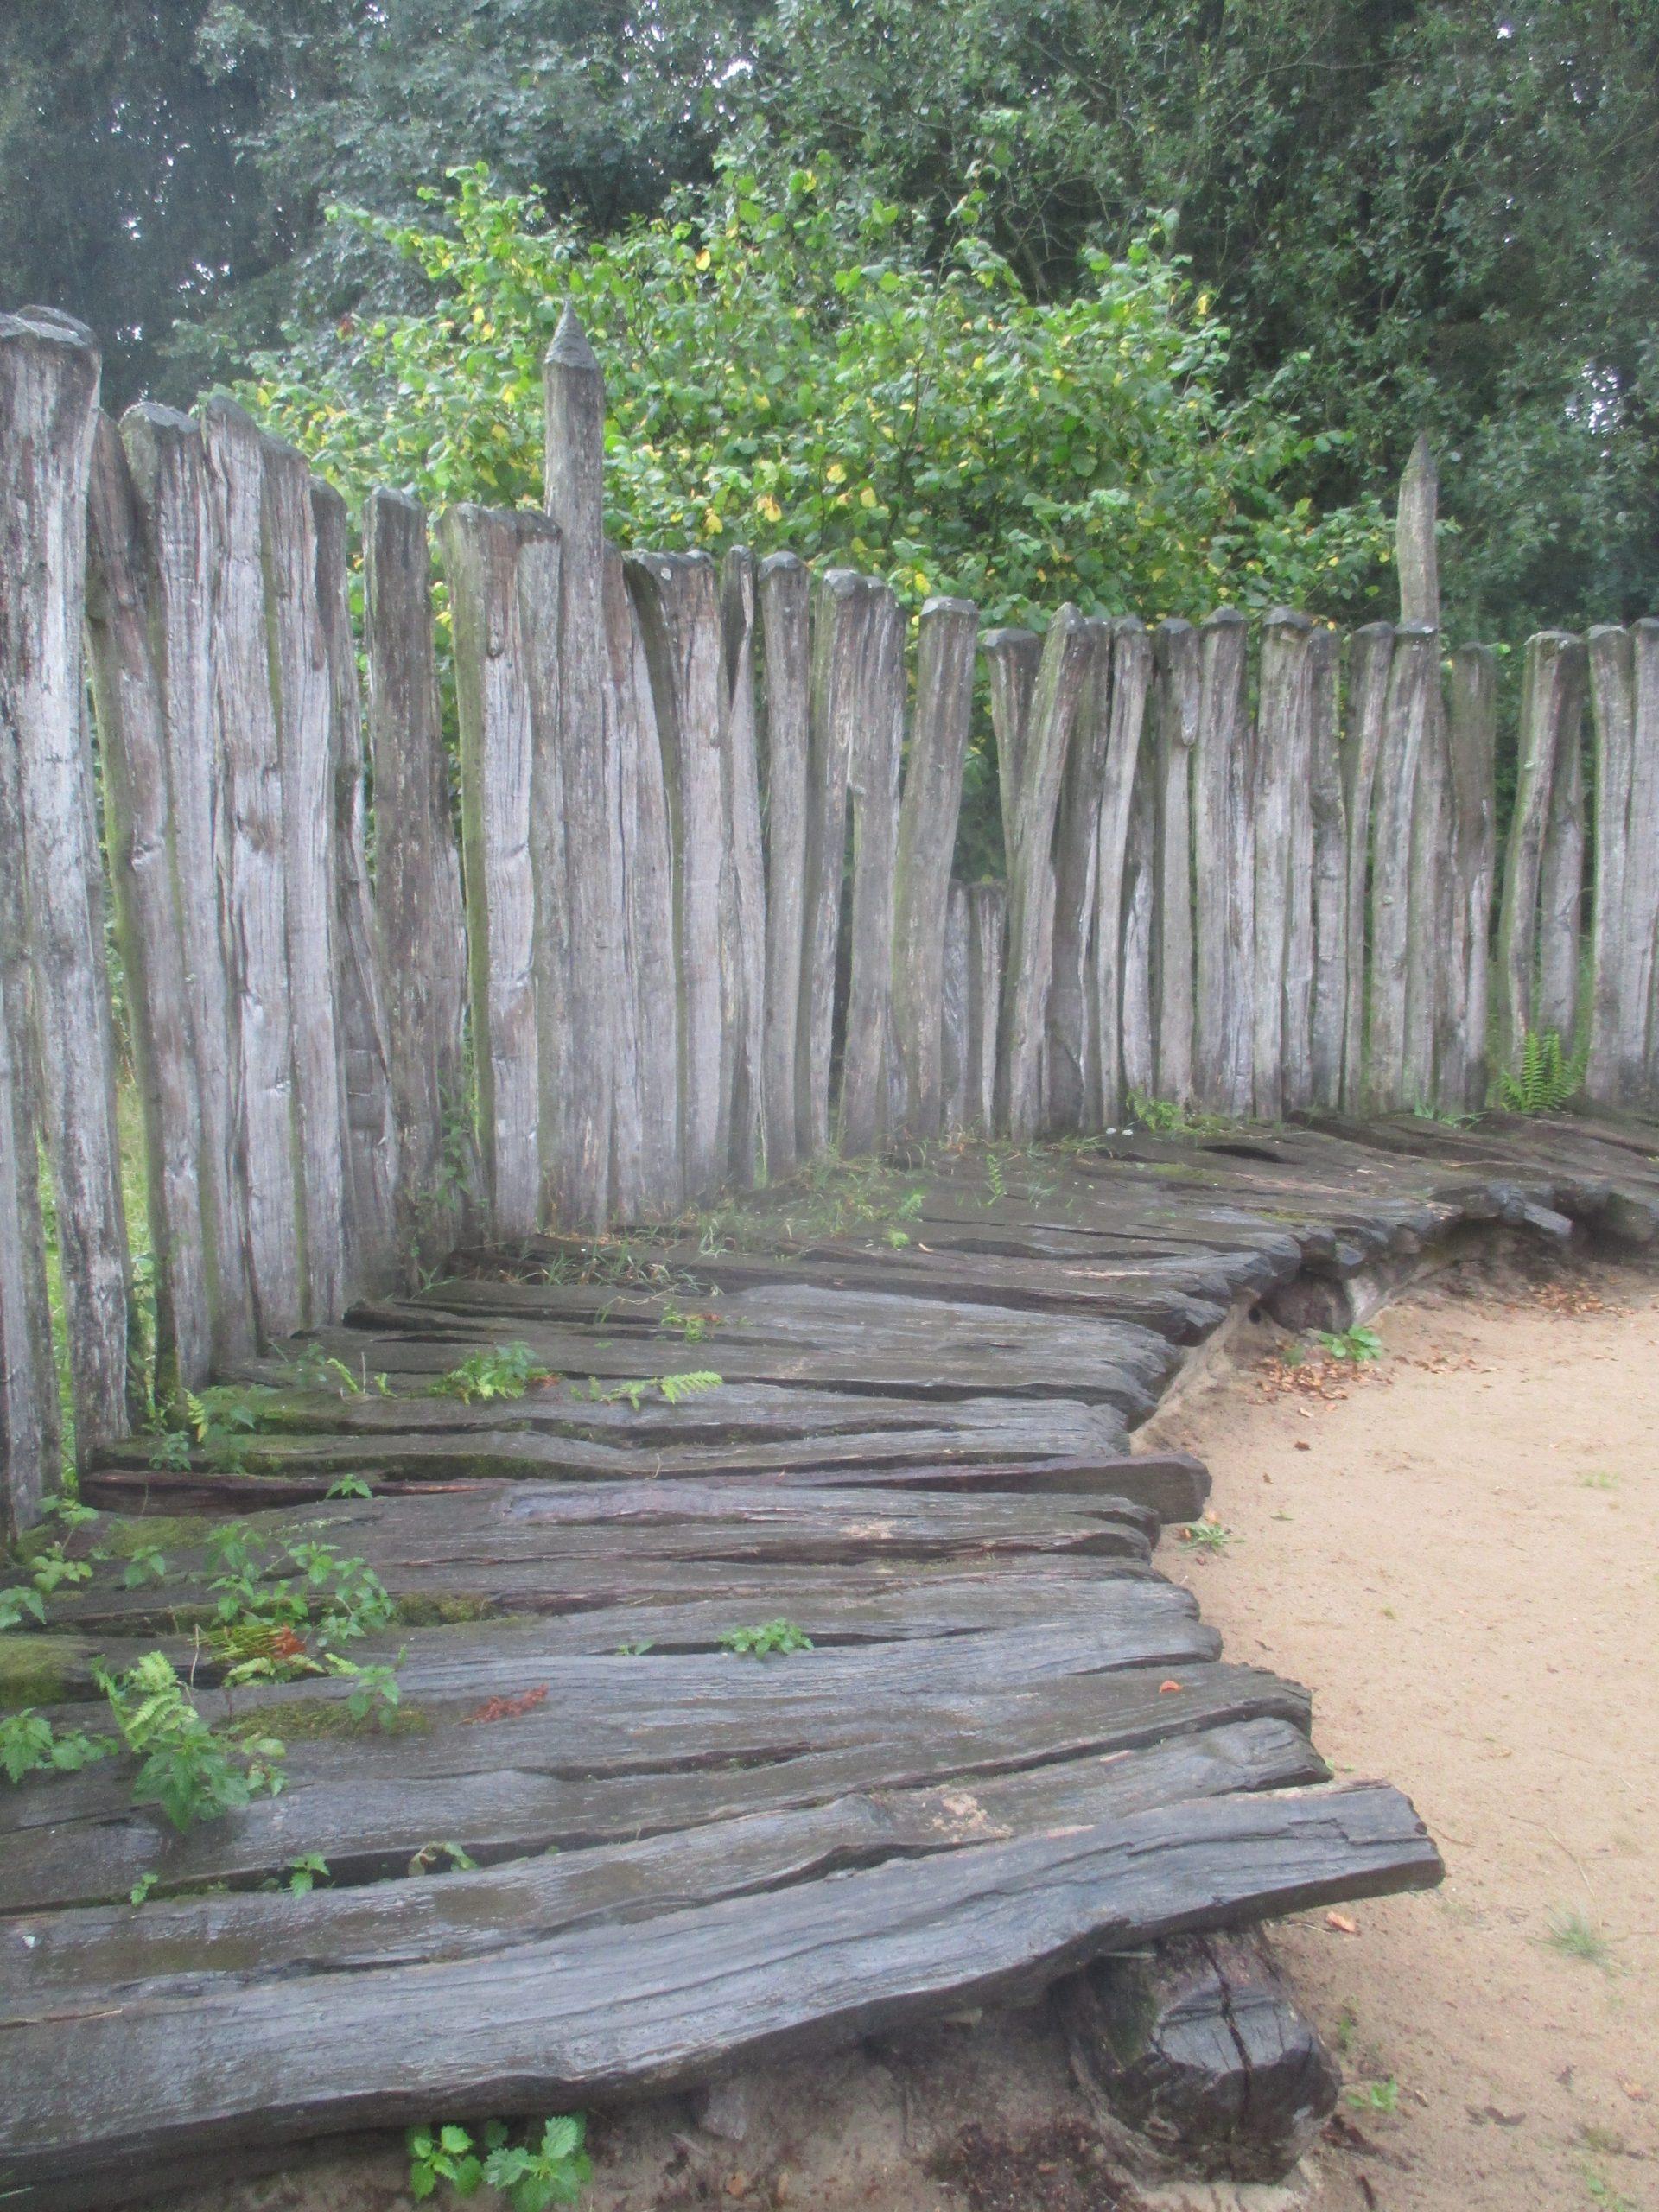 Rekonstruktion des Bohlenweges auf der Innenseite des Opferplatzes Hunneberget.